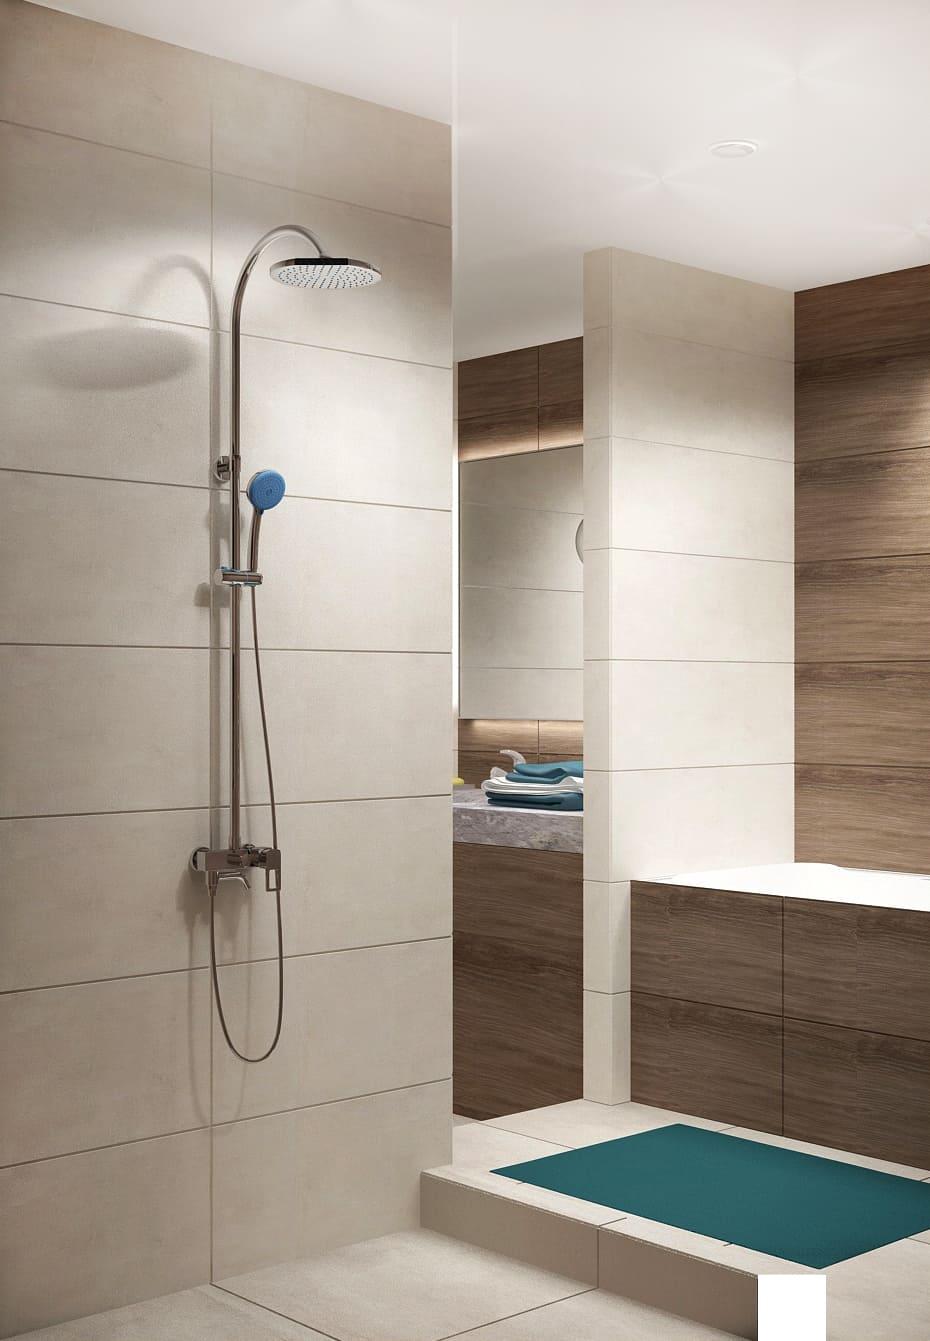 Проект ванной комнаты в бежевых тонах 7 кв.м, душевая кабина, зеркало, ванна, плитка